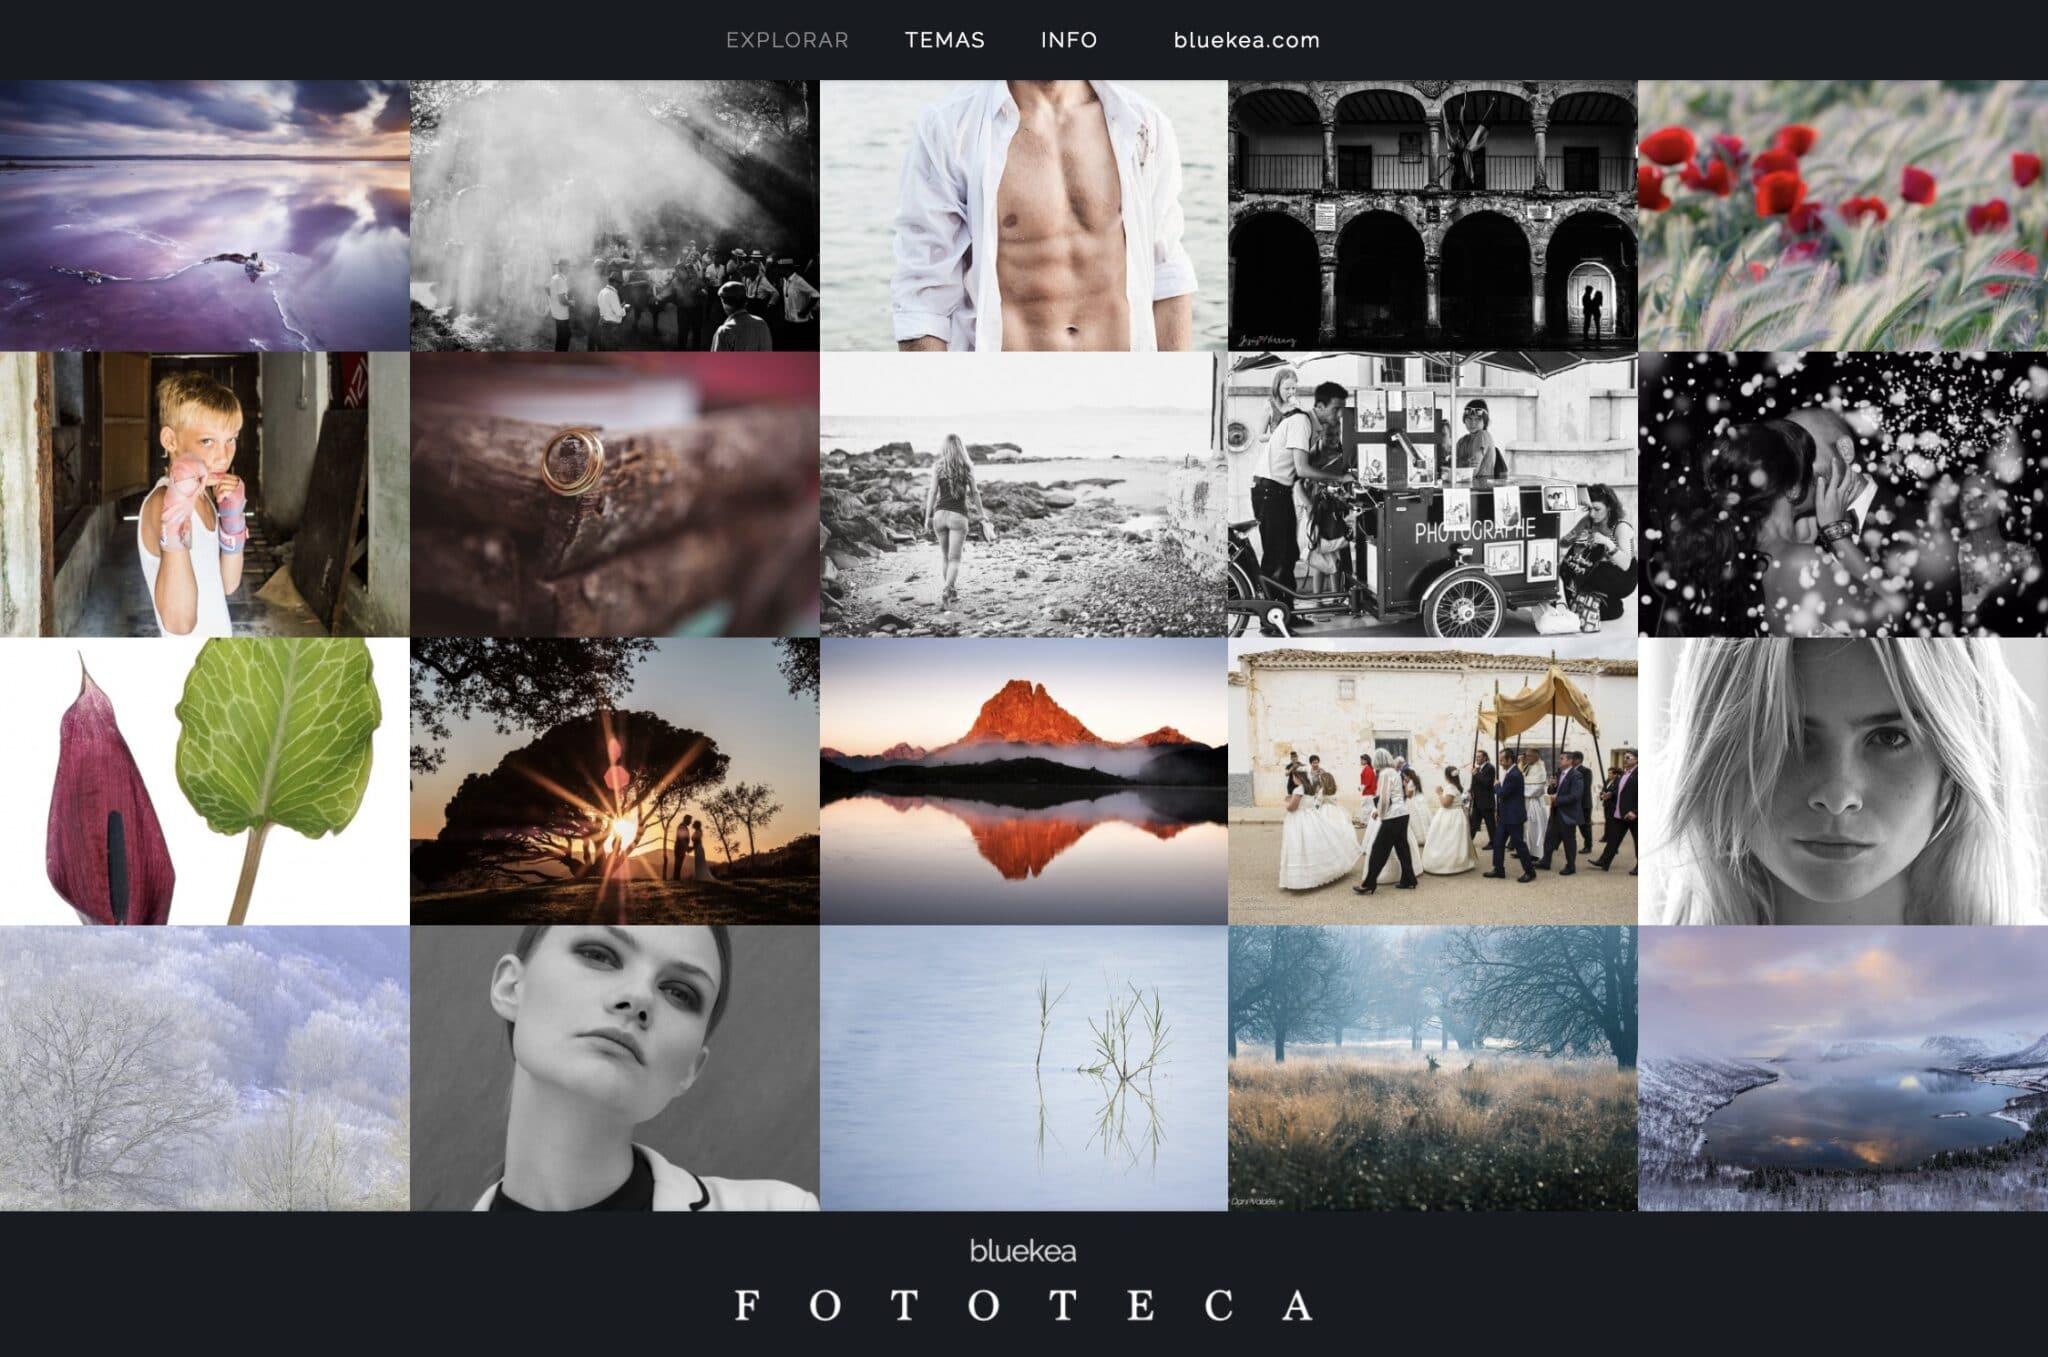 Lanzamos la fototeca de Bluekea, una selección del trabajo de nuestros fotógrafos